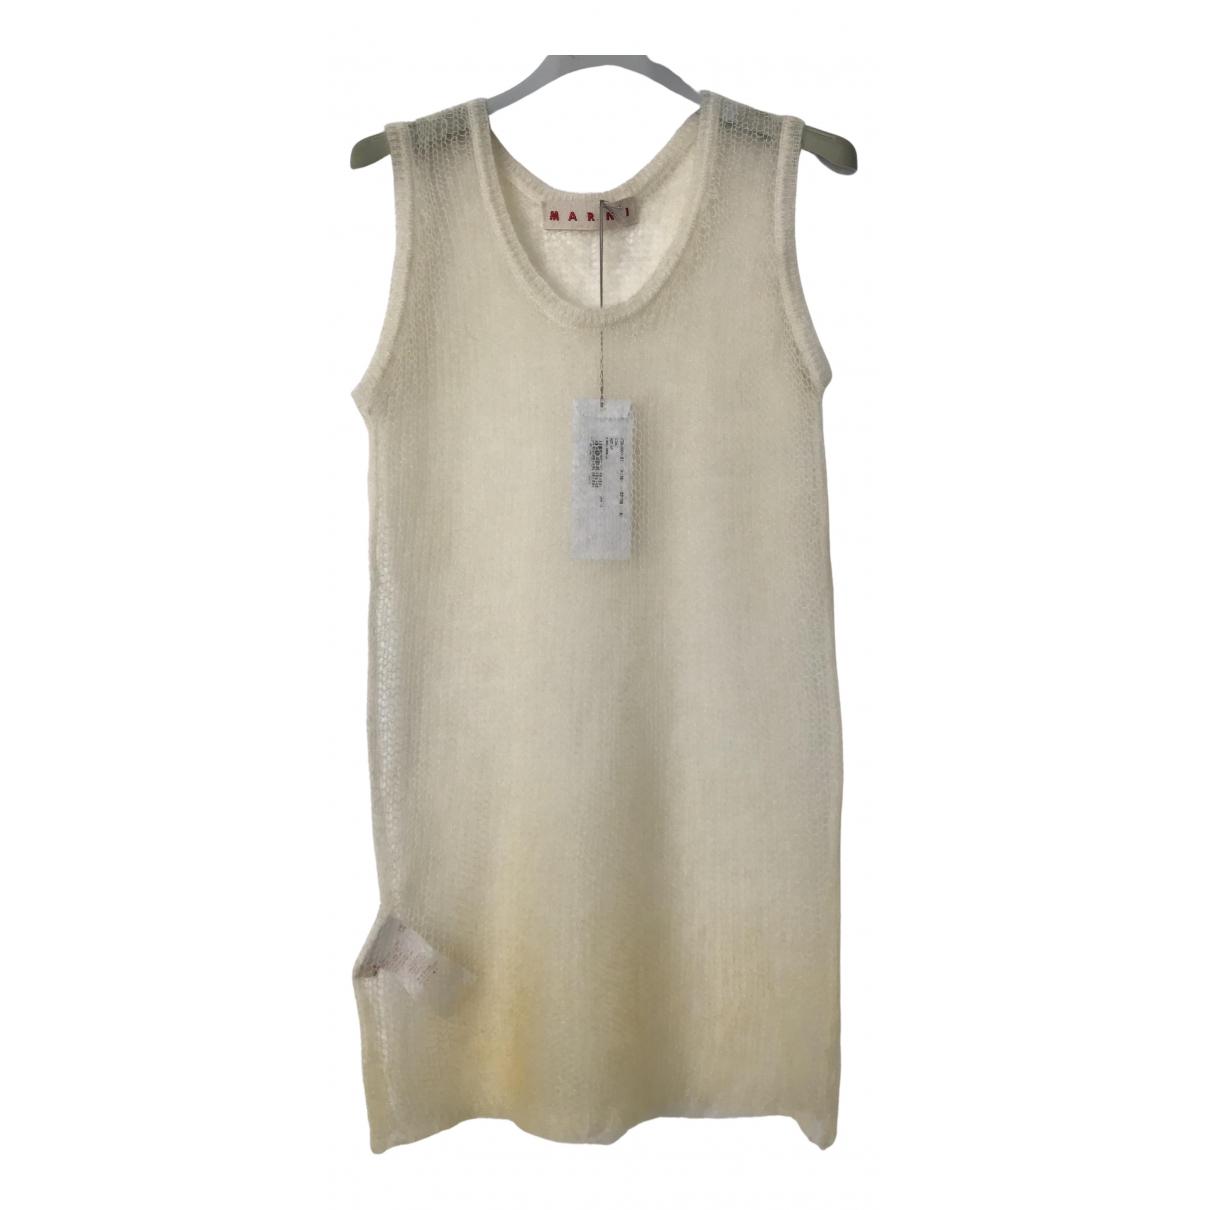 Marni - Top   pour femme en laine - ecru